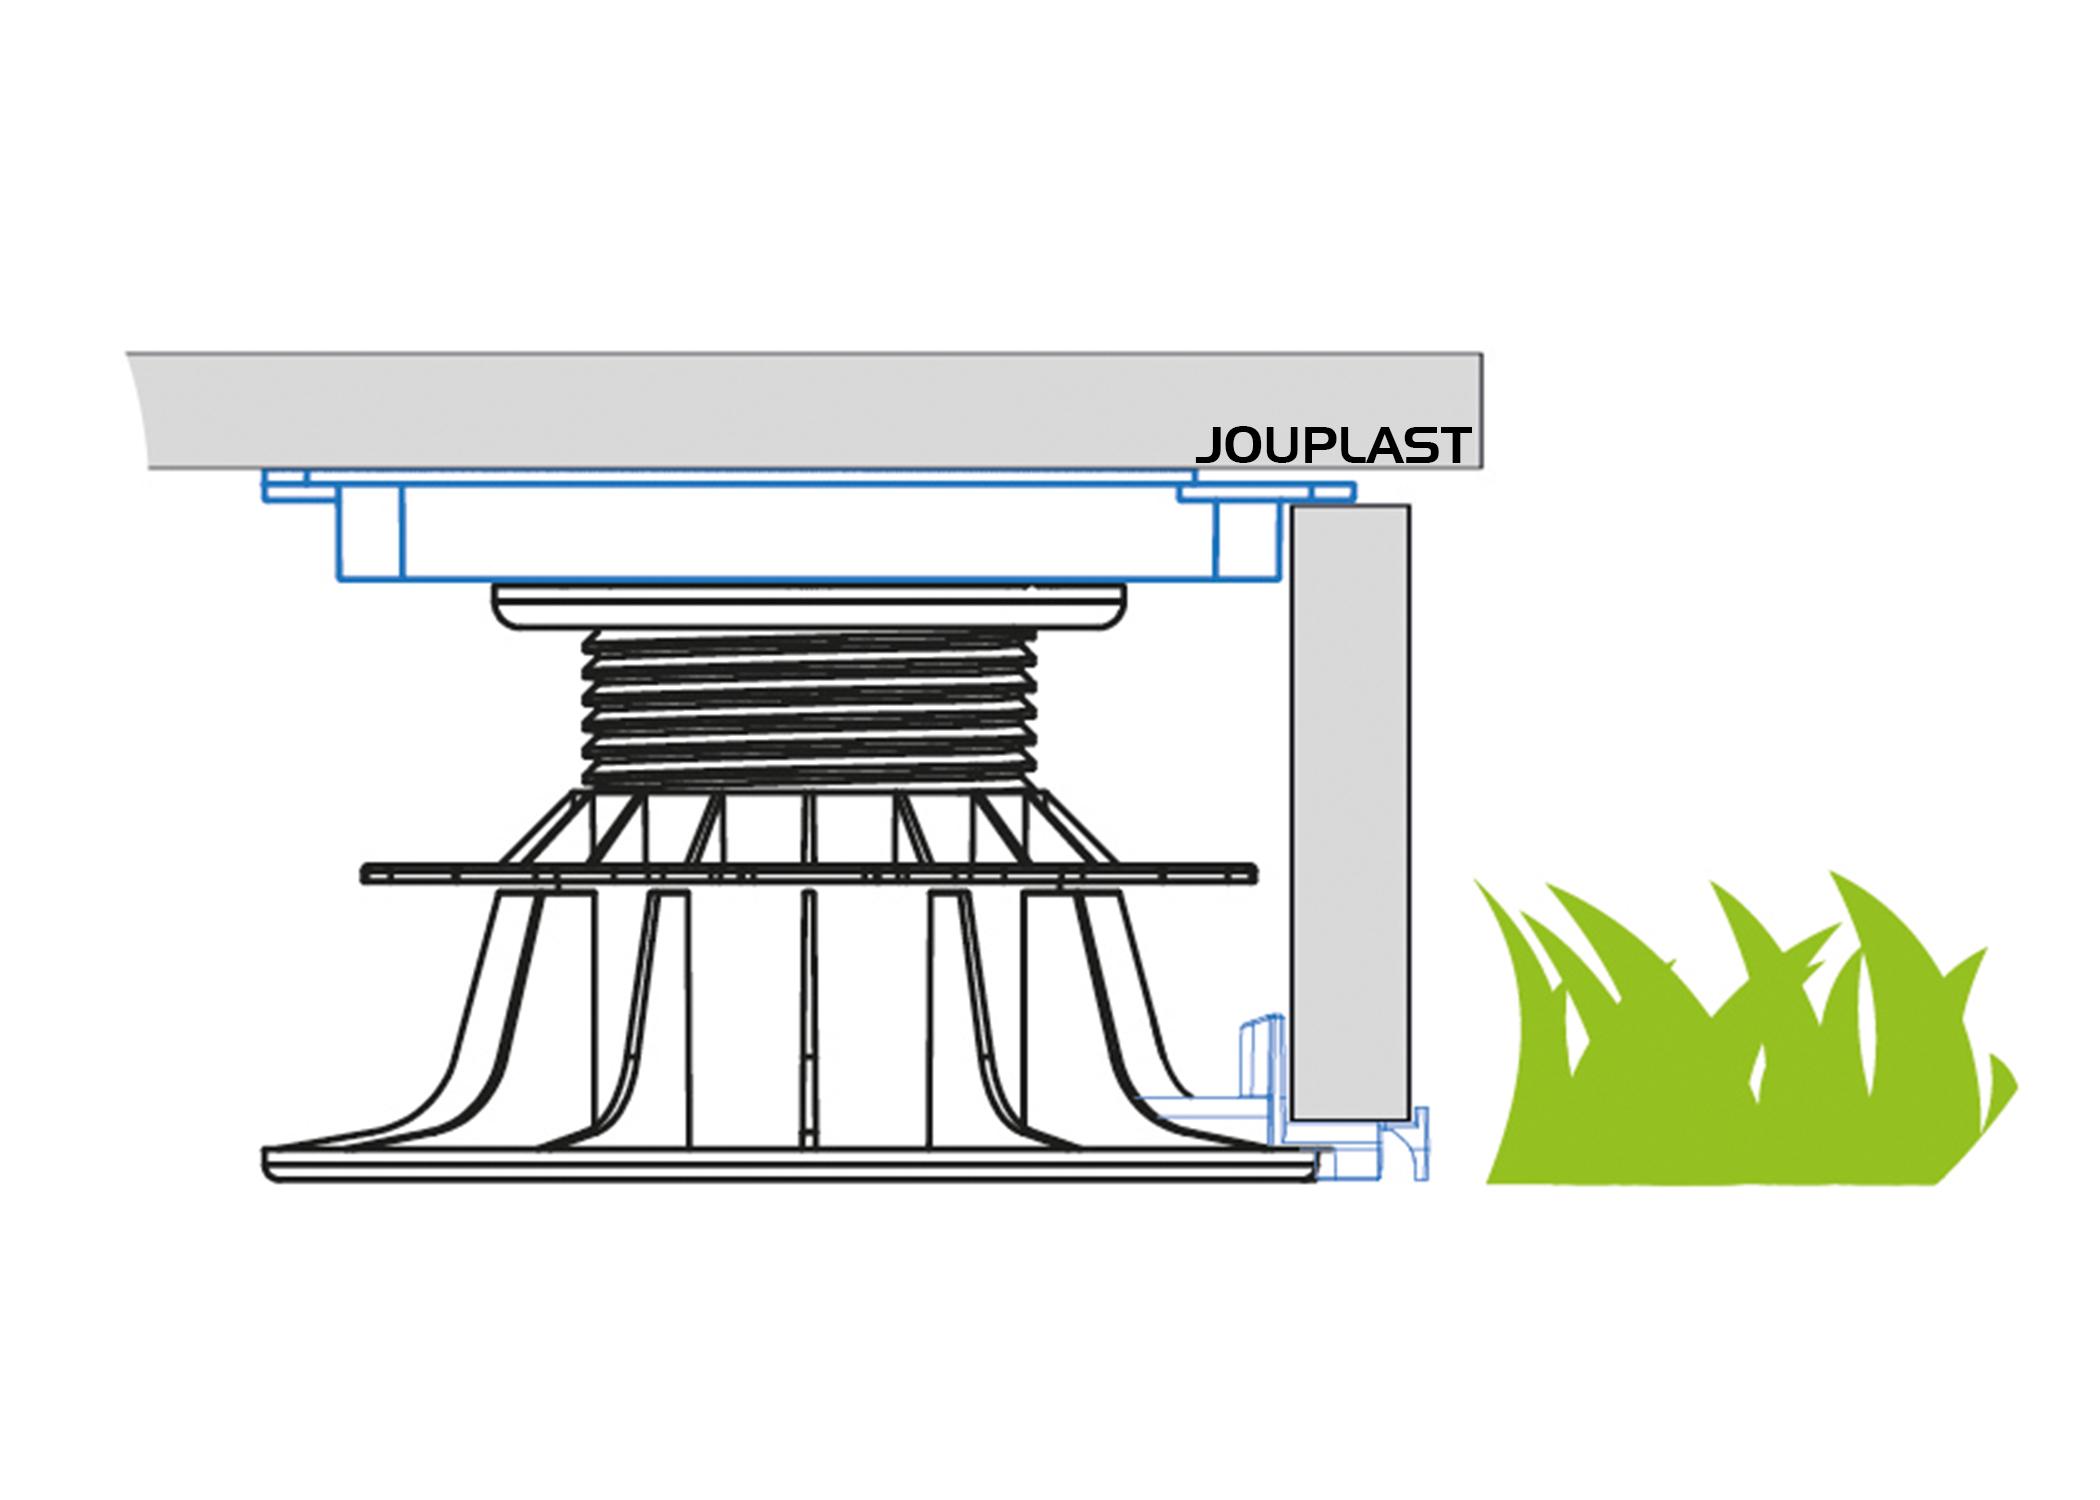 Seitliche Verblendung Einer Terrasse - Jouplast - Solutions ... intérieur Profil Alu Pour Terrasse Sur Plot